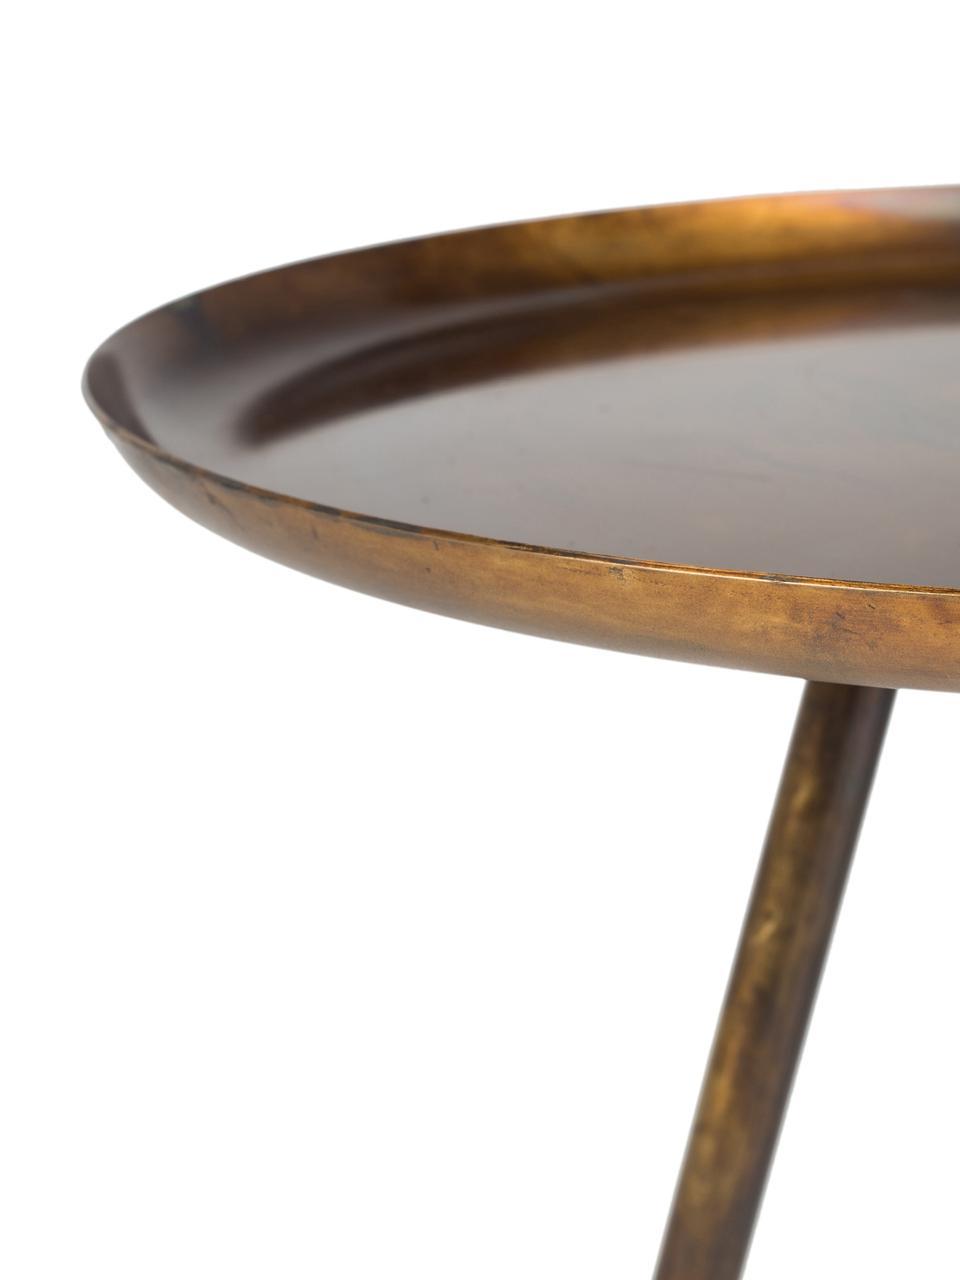 Runder Beistelltisch Frost aus Metall, Goldfarben, Kupfer, Ø 39 x H 45 cm